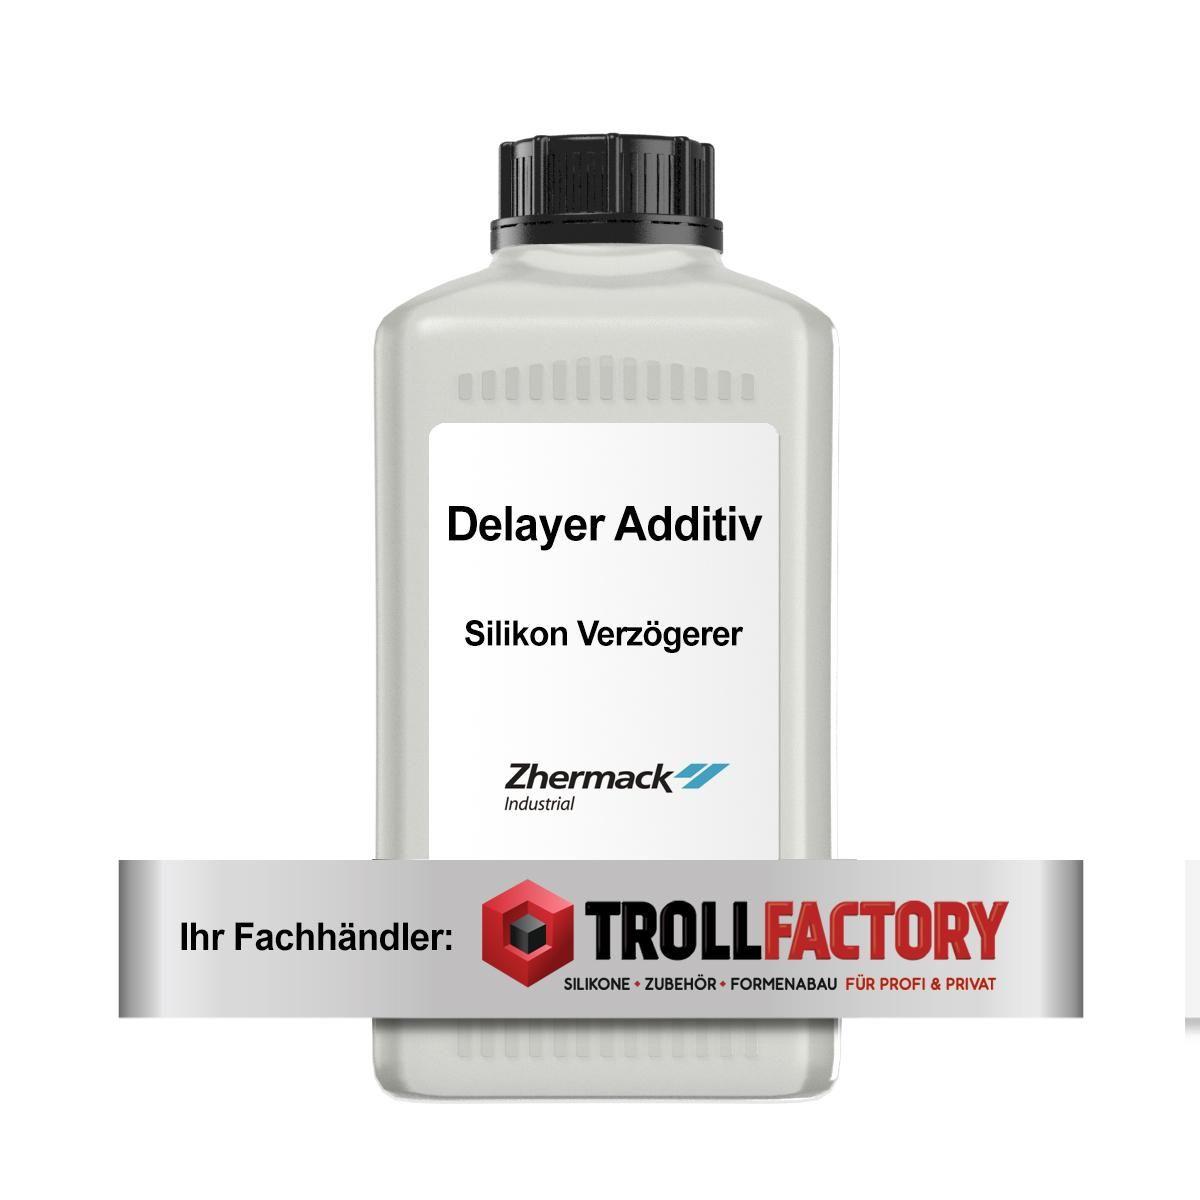 Zhermack Delayer Additiv Silikon Verzögerer 250ml